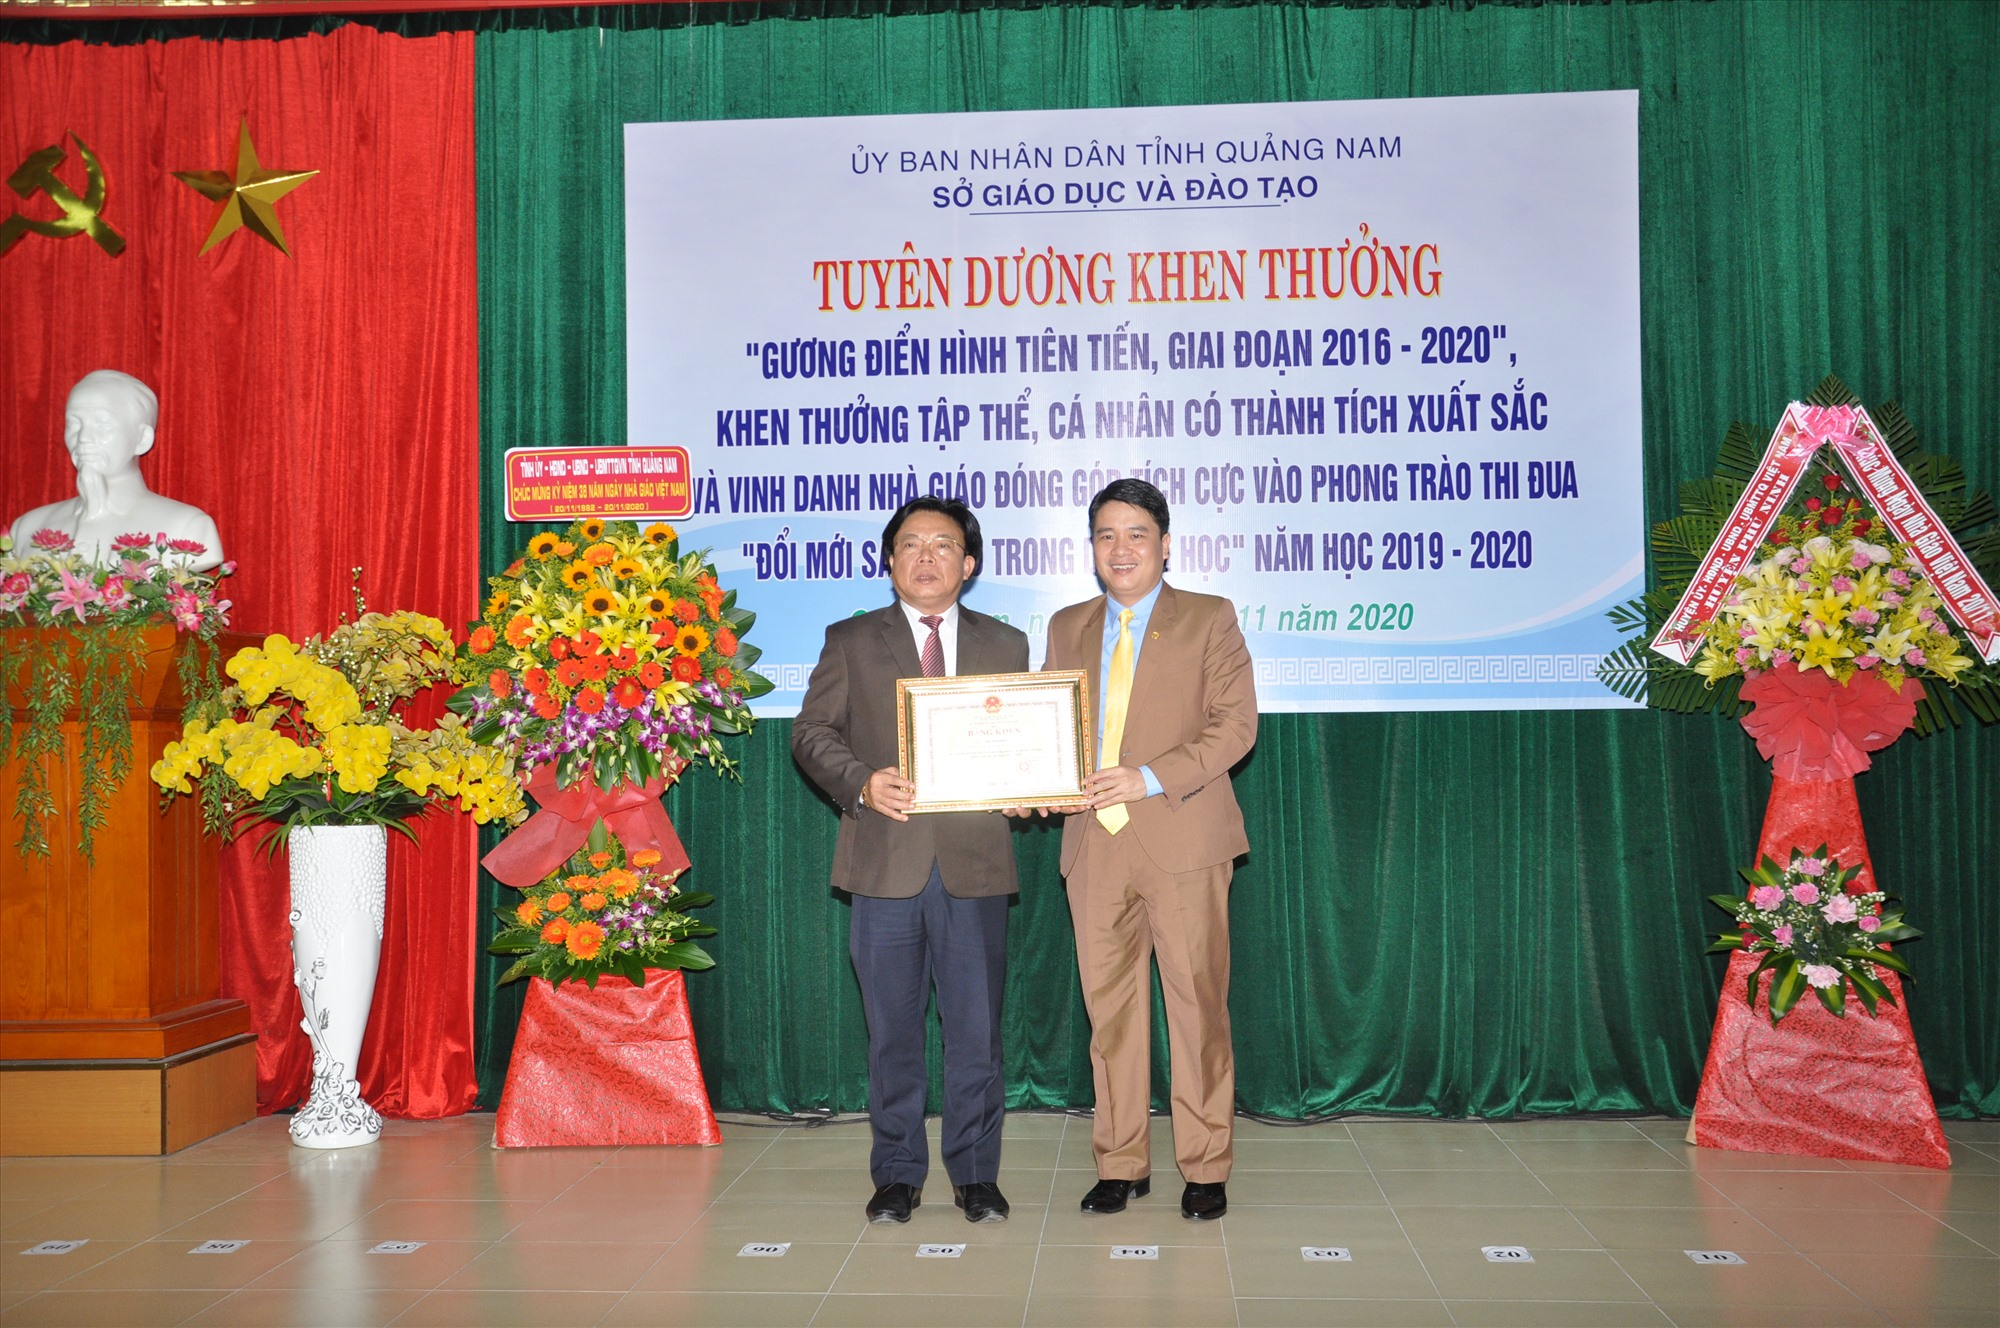 Giám đốc Sở GD-ĐT Hà Thanh Quốc nhận bằng khen của Bộ GD-ĐT do Phó Chủ tịch UBND tỉnh Trần Văn Tân trao. Ảnh: X.P